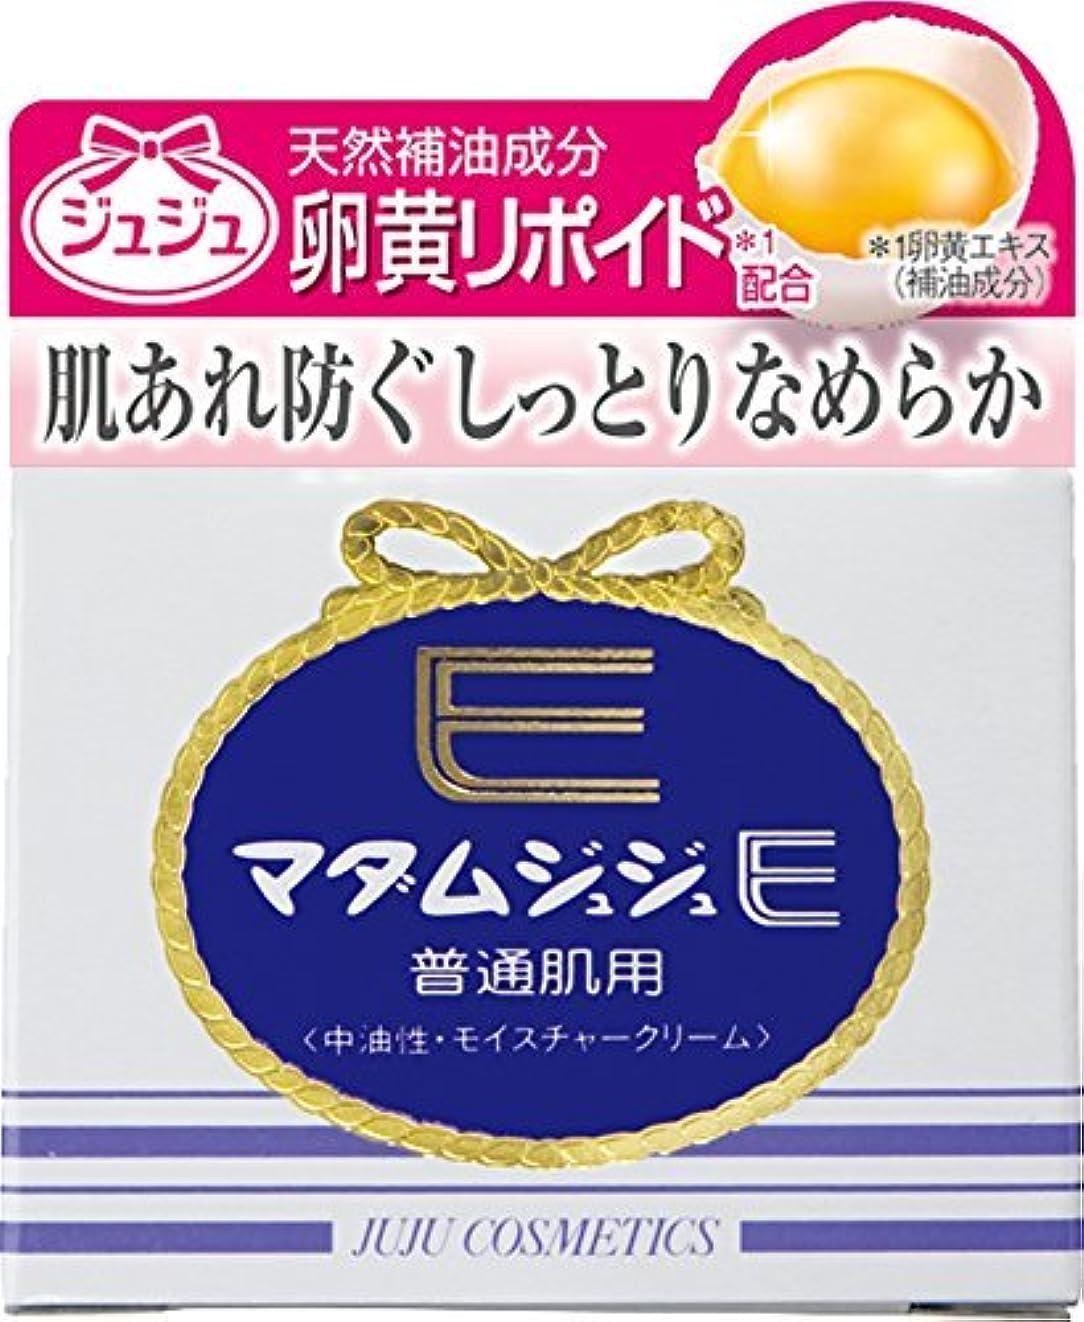 付き添い人パワーについてマダムジュジュE クリーム ビタミンE+卵黄リポイド配合 52g